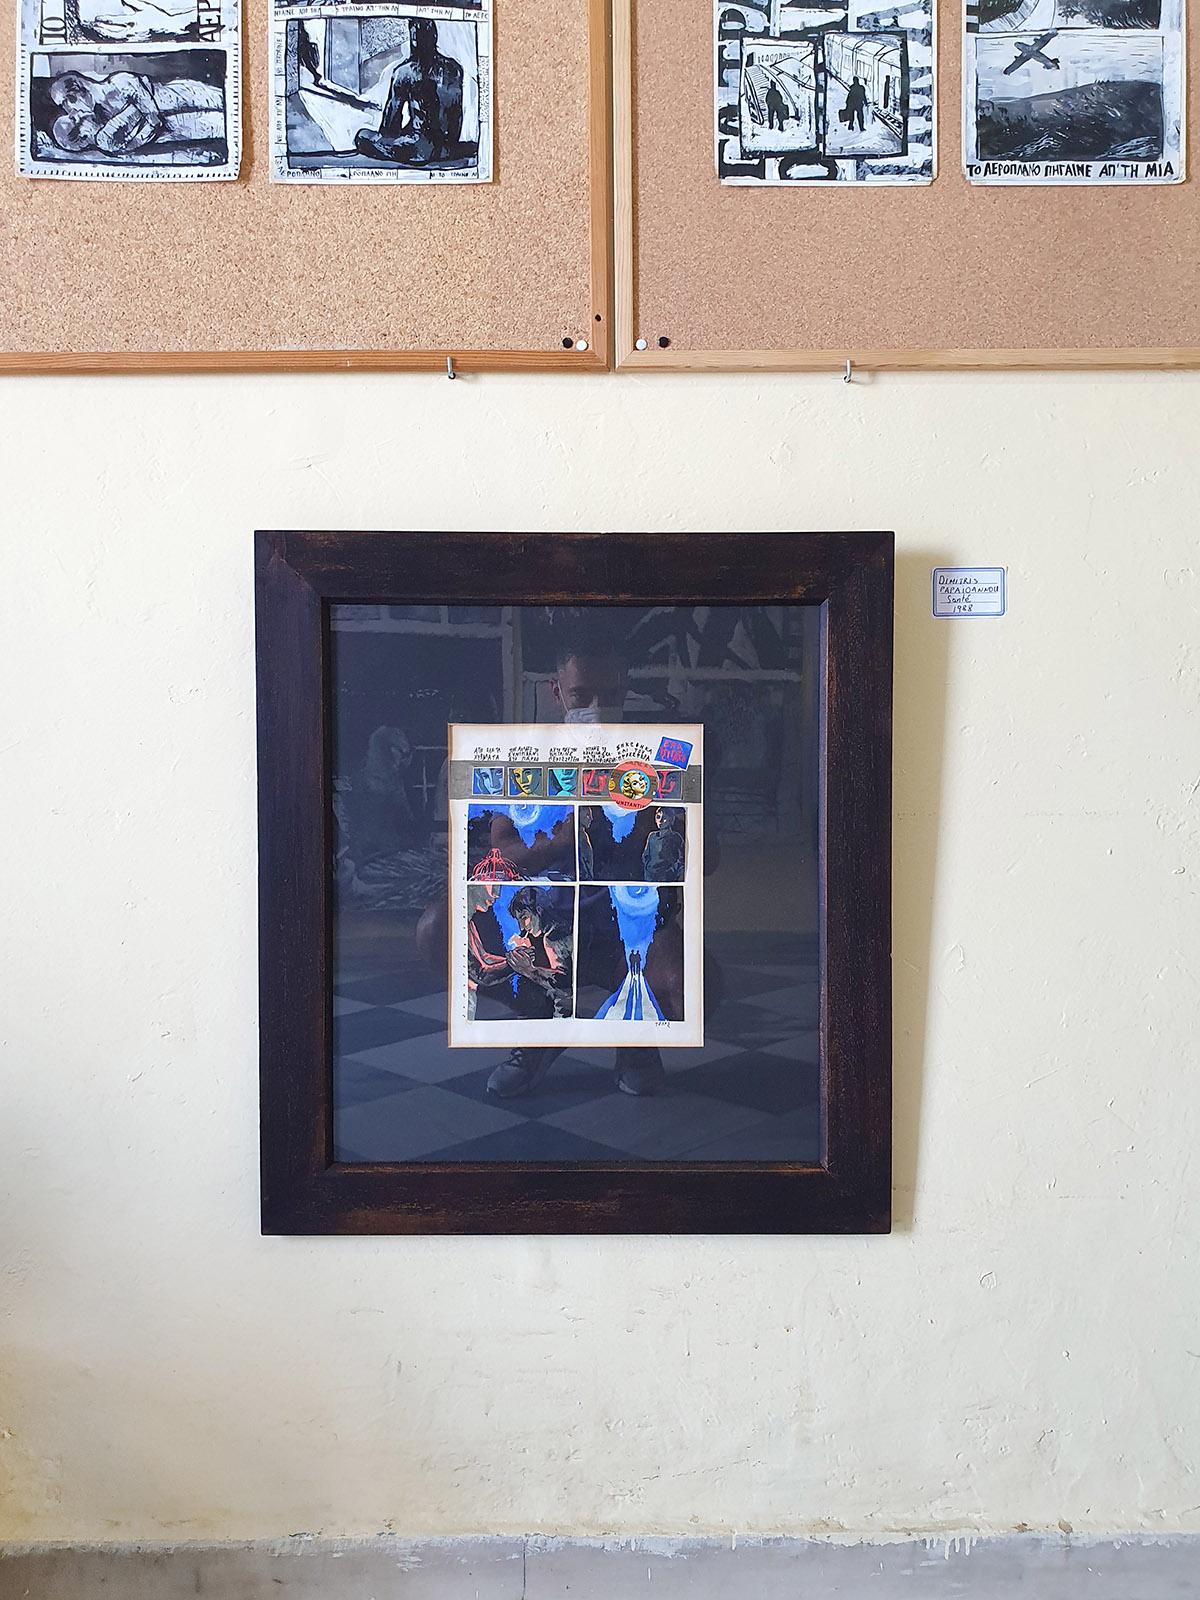 dimitris papaionannou, collect art, greece, famous, spotlight